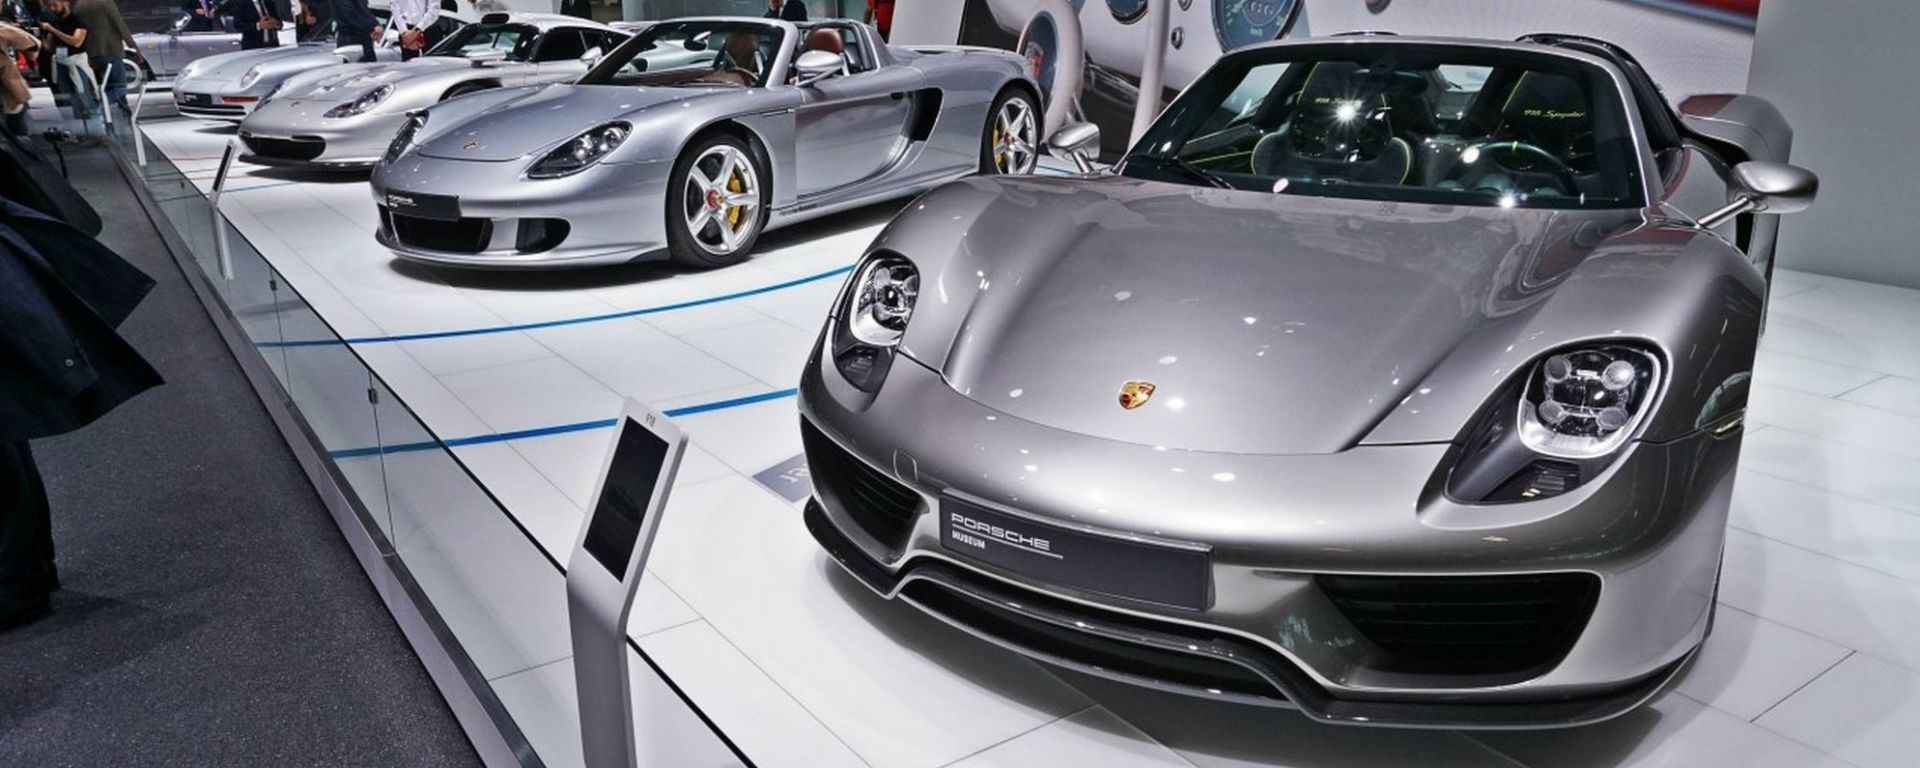 Porsche, al Salone di Parigi 2018 una carrellata di supersportive